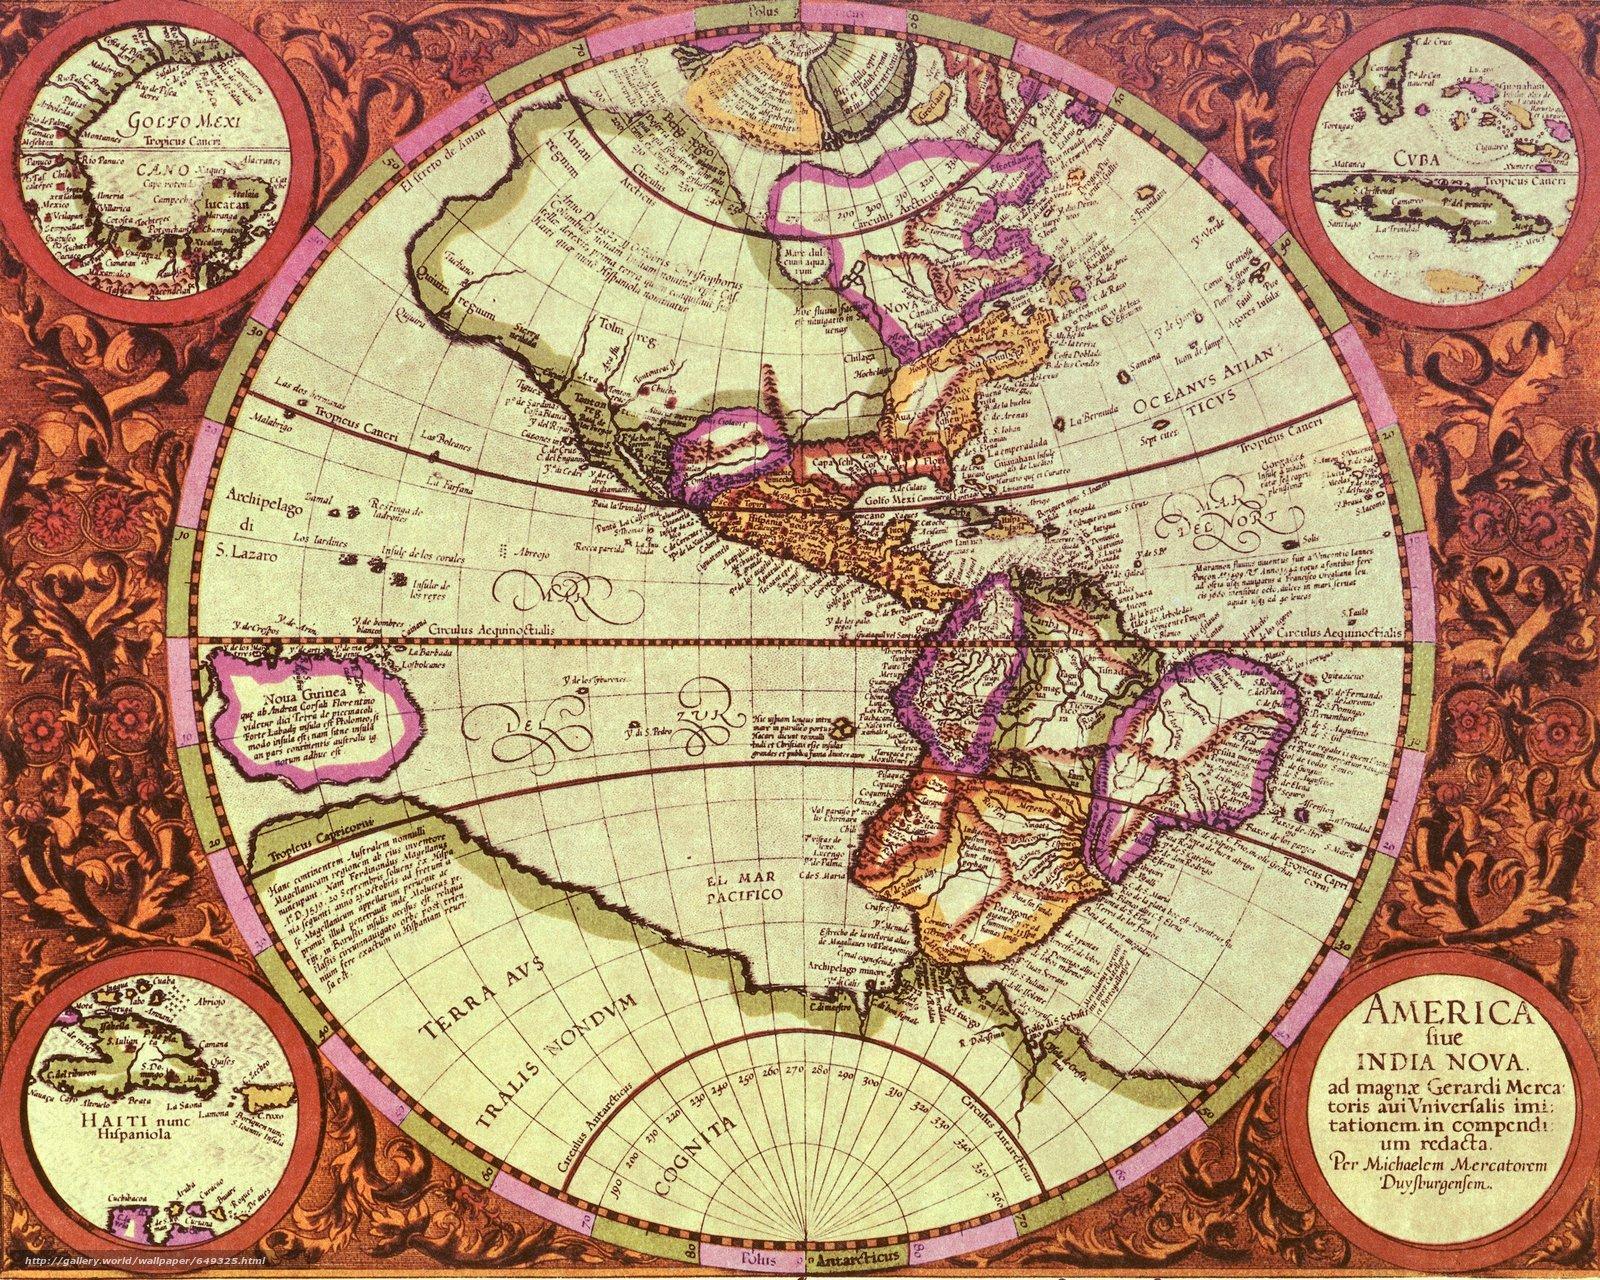 Descargar gratis Mapas antiguos,  navegación,  Compuesta en un pasado lejano,  empapado en mares y océanos salados viento Fondos de escritorio en la resolucin 5000x4000 — imagen №649325